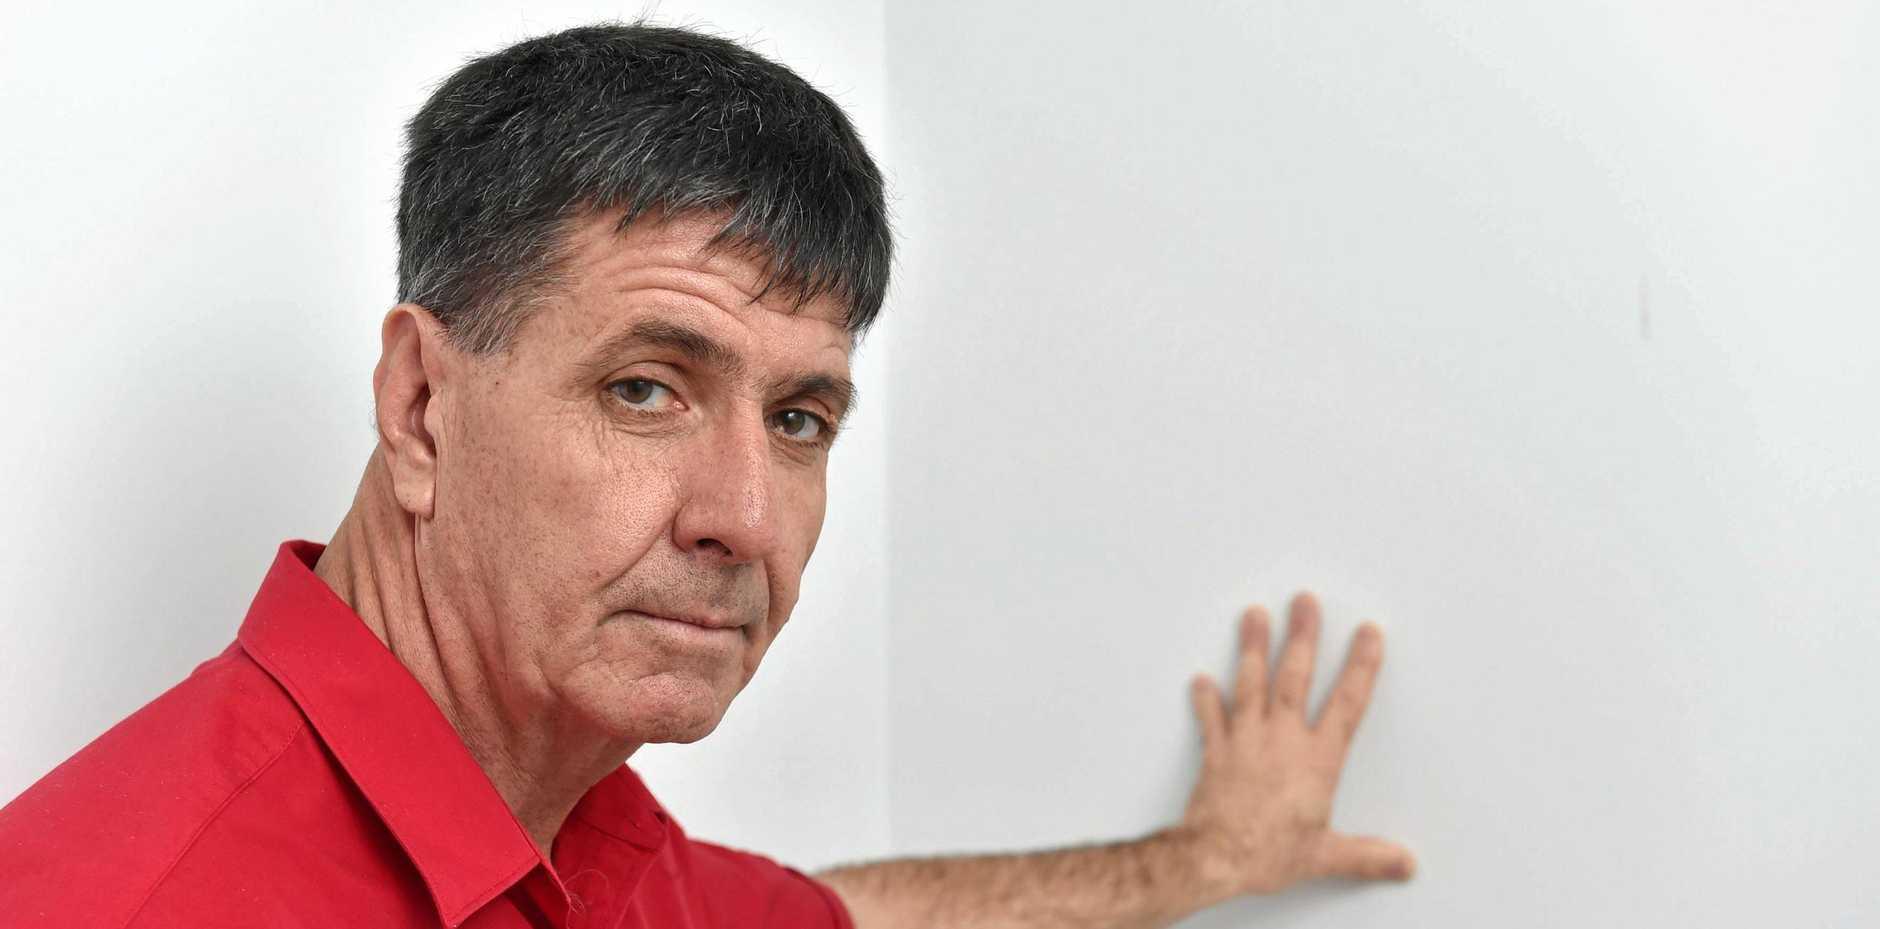 Bruce Saunders MP Maryborough.Photo: Valerie Horton / Fraser Coast Chronicle